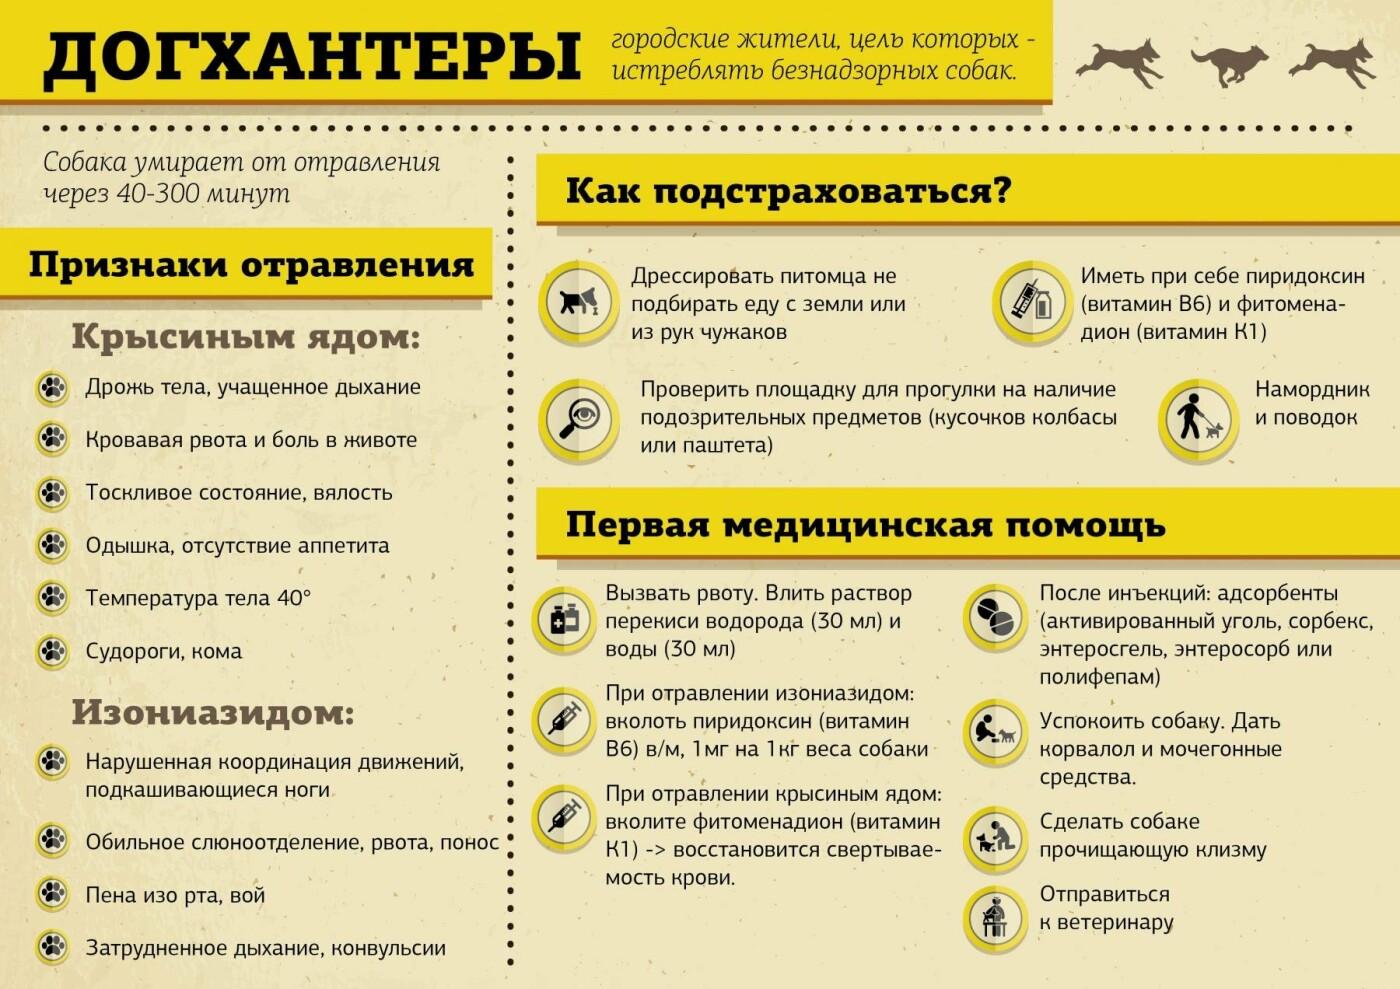 Антидогхантер: как определить отравленное животное и спасти питомца (ИНСТРУКЦИЯ), фото-5